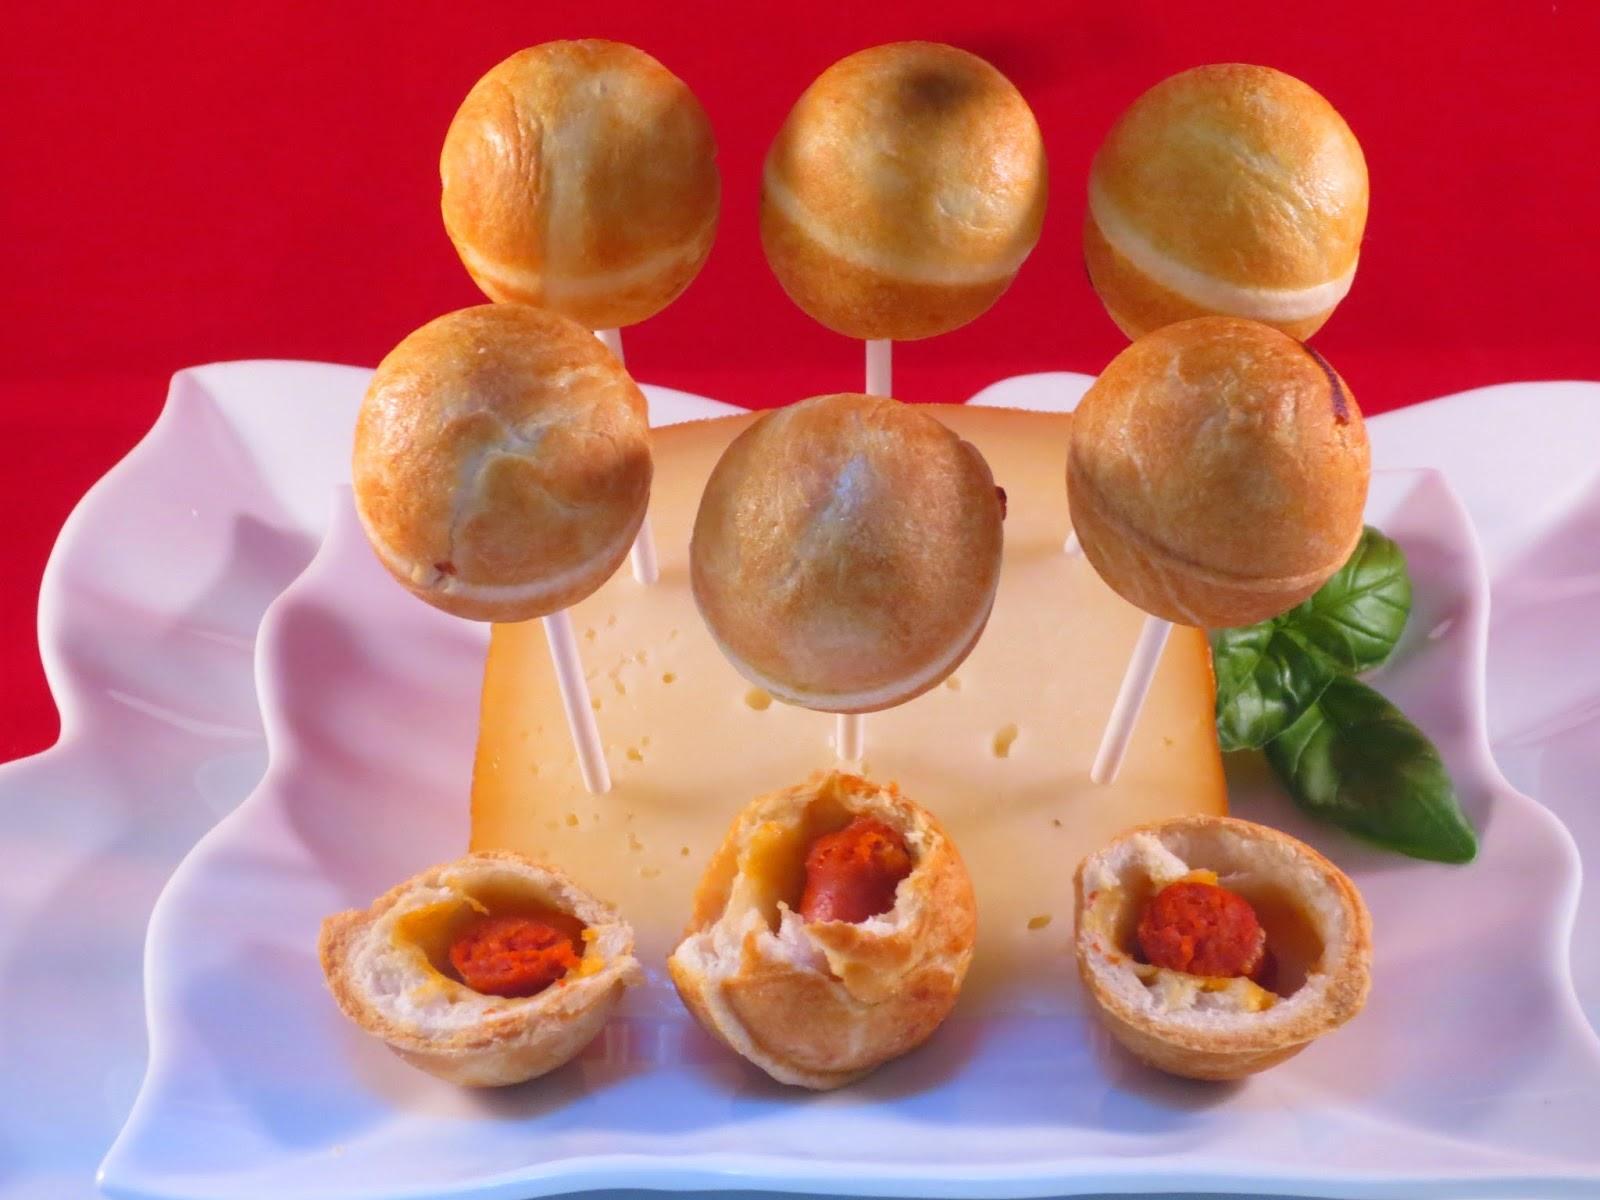 Cake pops de salchichas frescas Ana Sevilla cocina tradicional